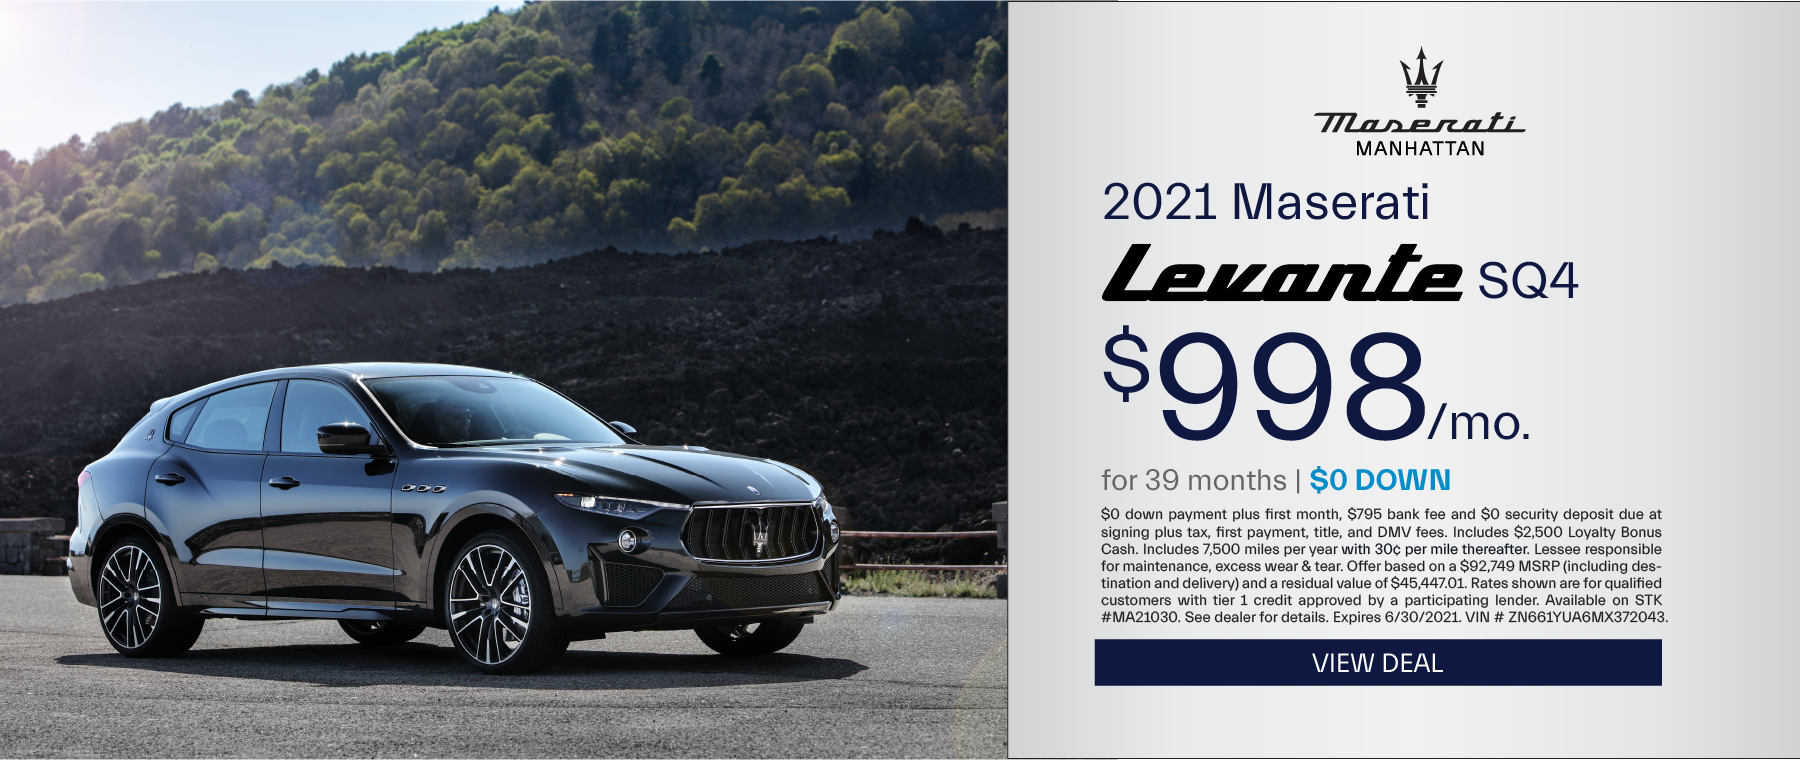 Maserati of Manhattan – 2021 Levante SQ4 – June 2021